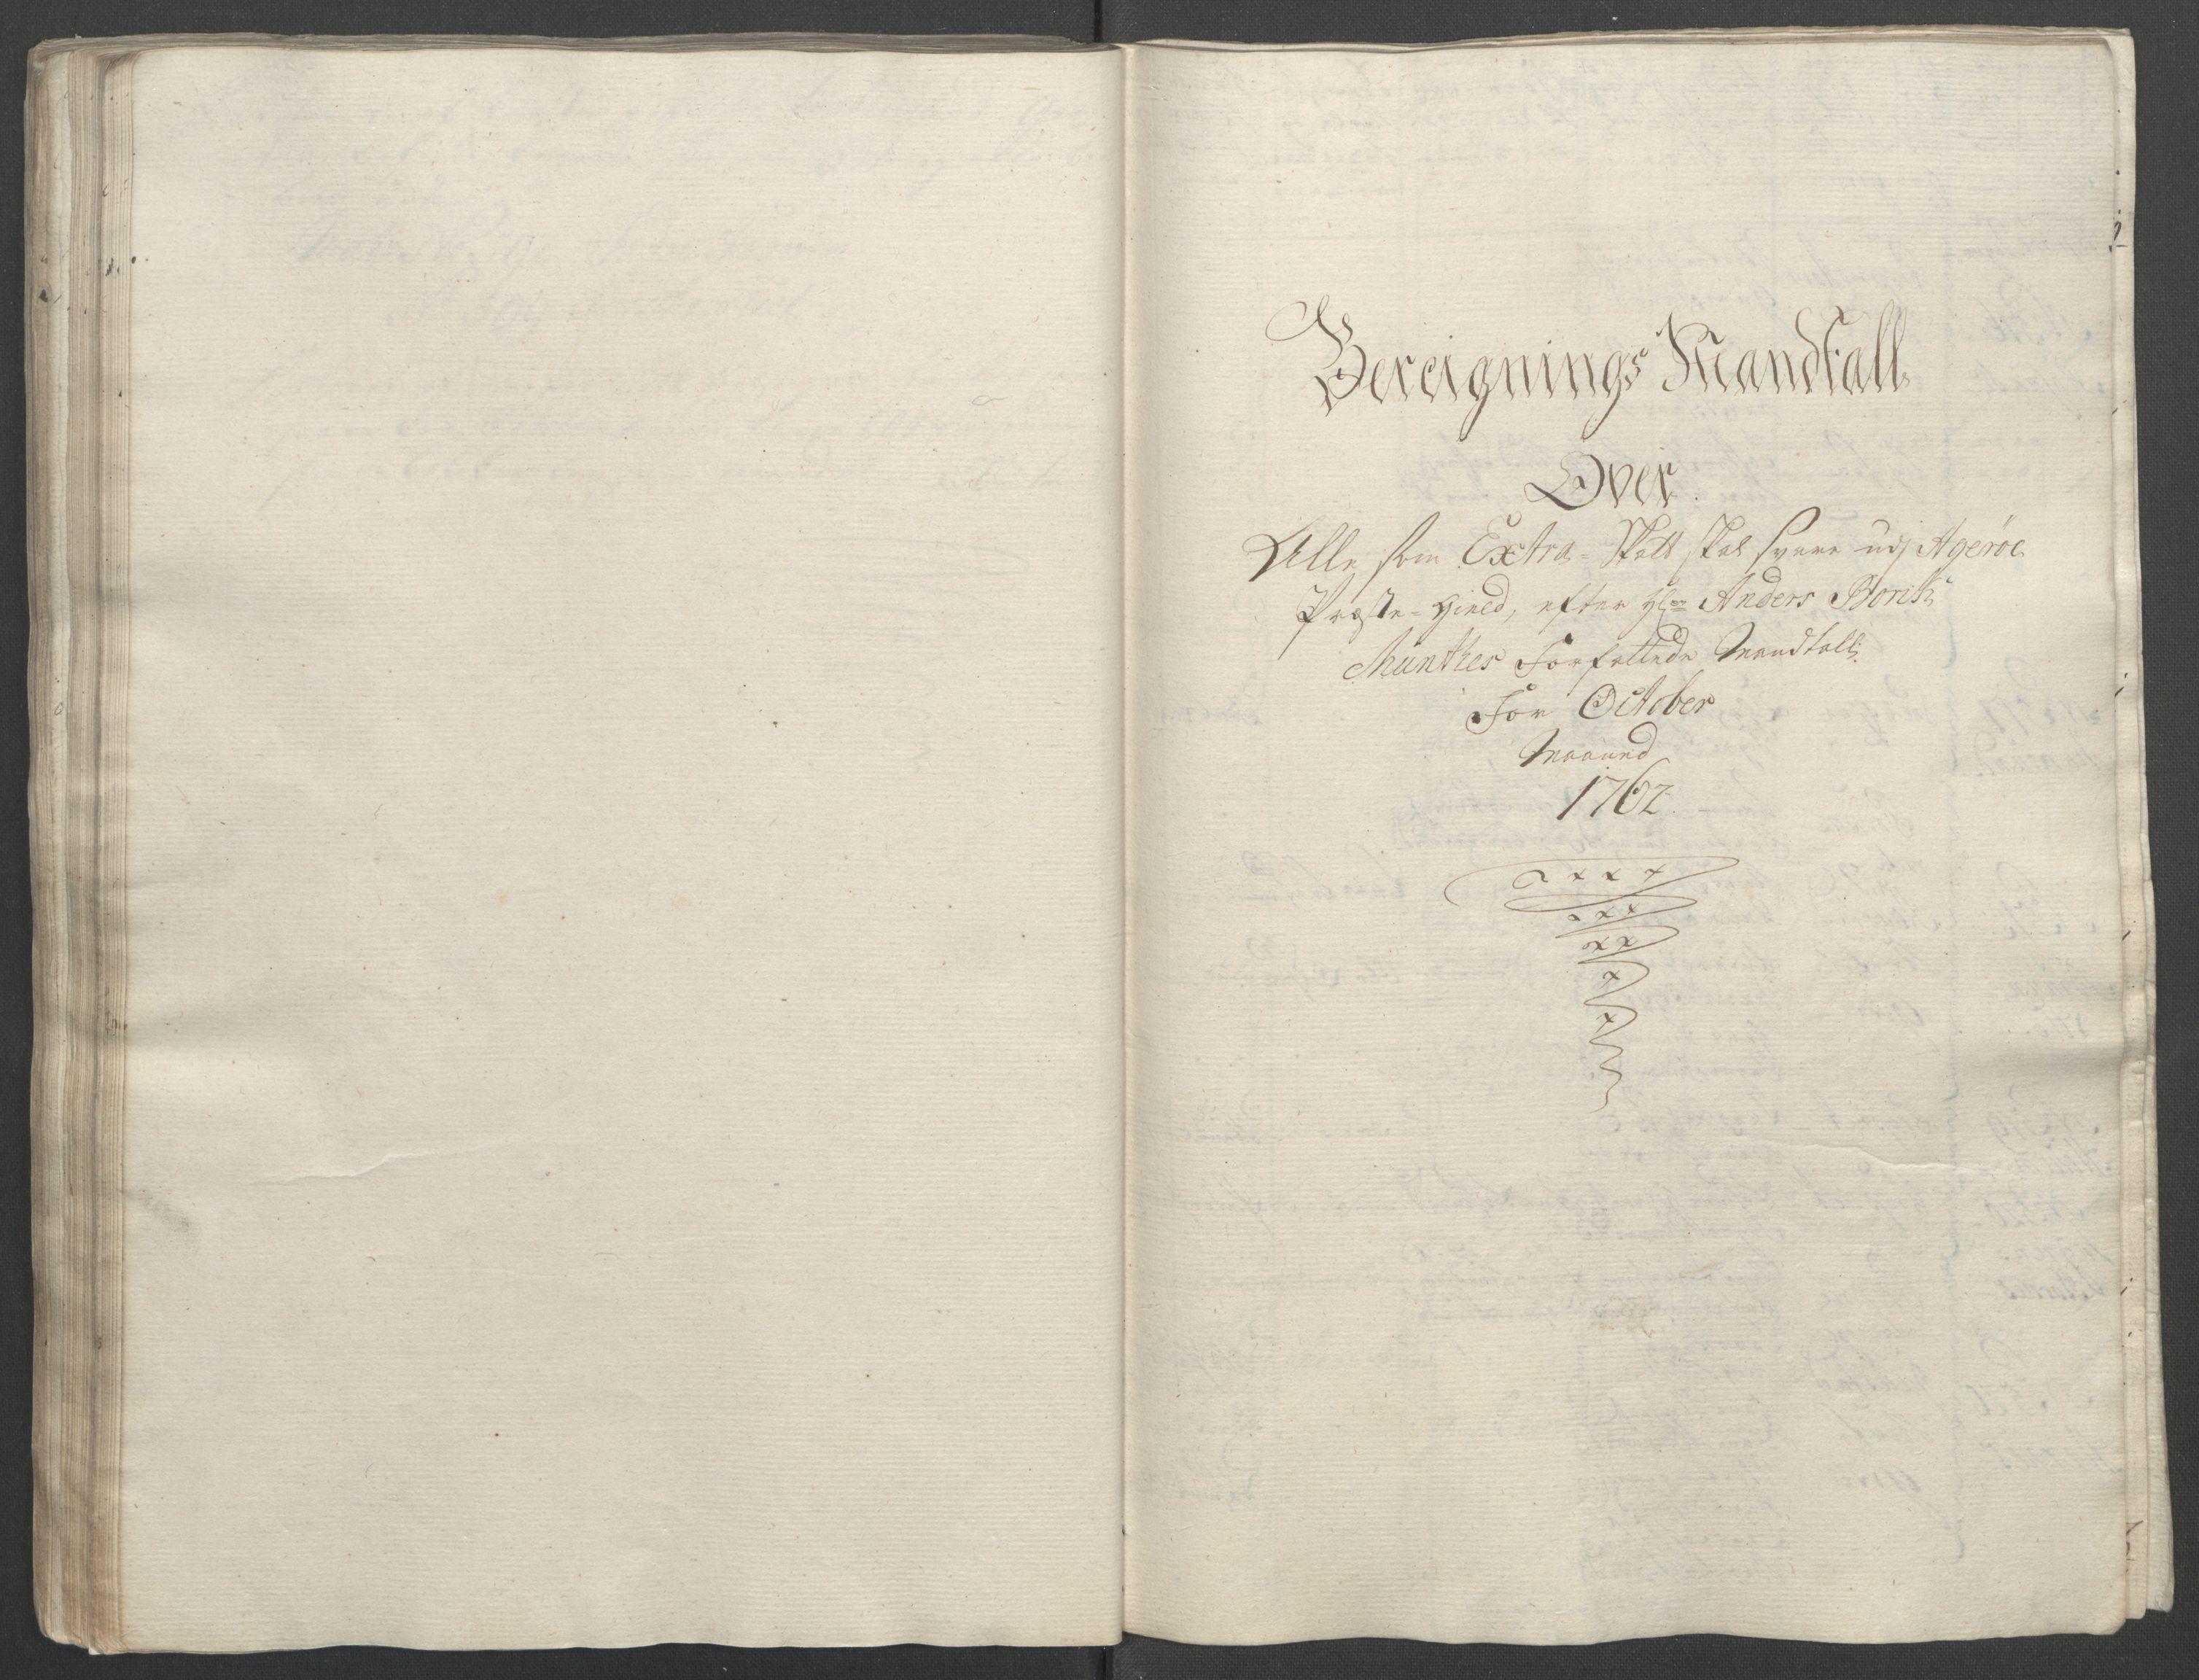 RA, Rentekammeret inntil 1814, Reviderte regnskaper, Fogderegnskap, R55/L3730: Ekstraskatten Romsdal, 1762-1763, s. 125